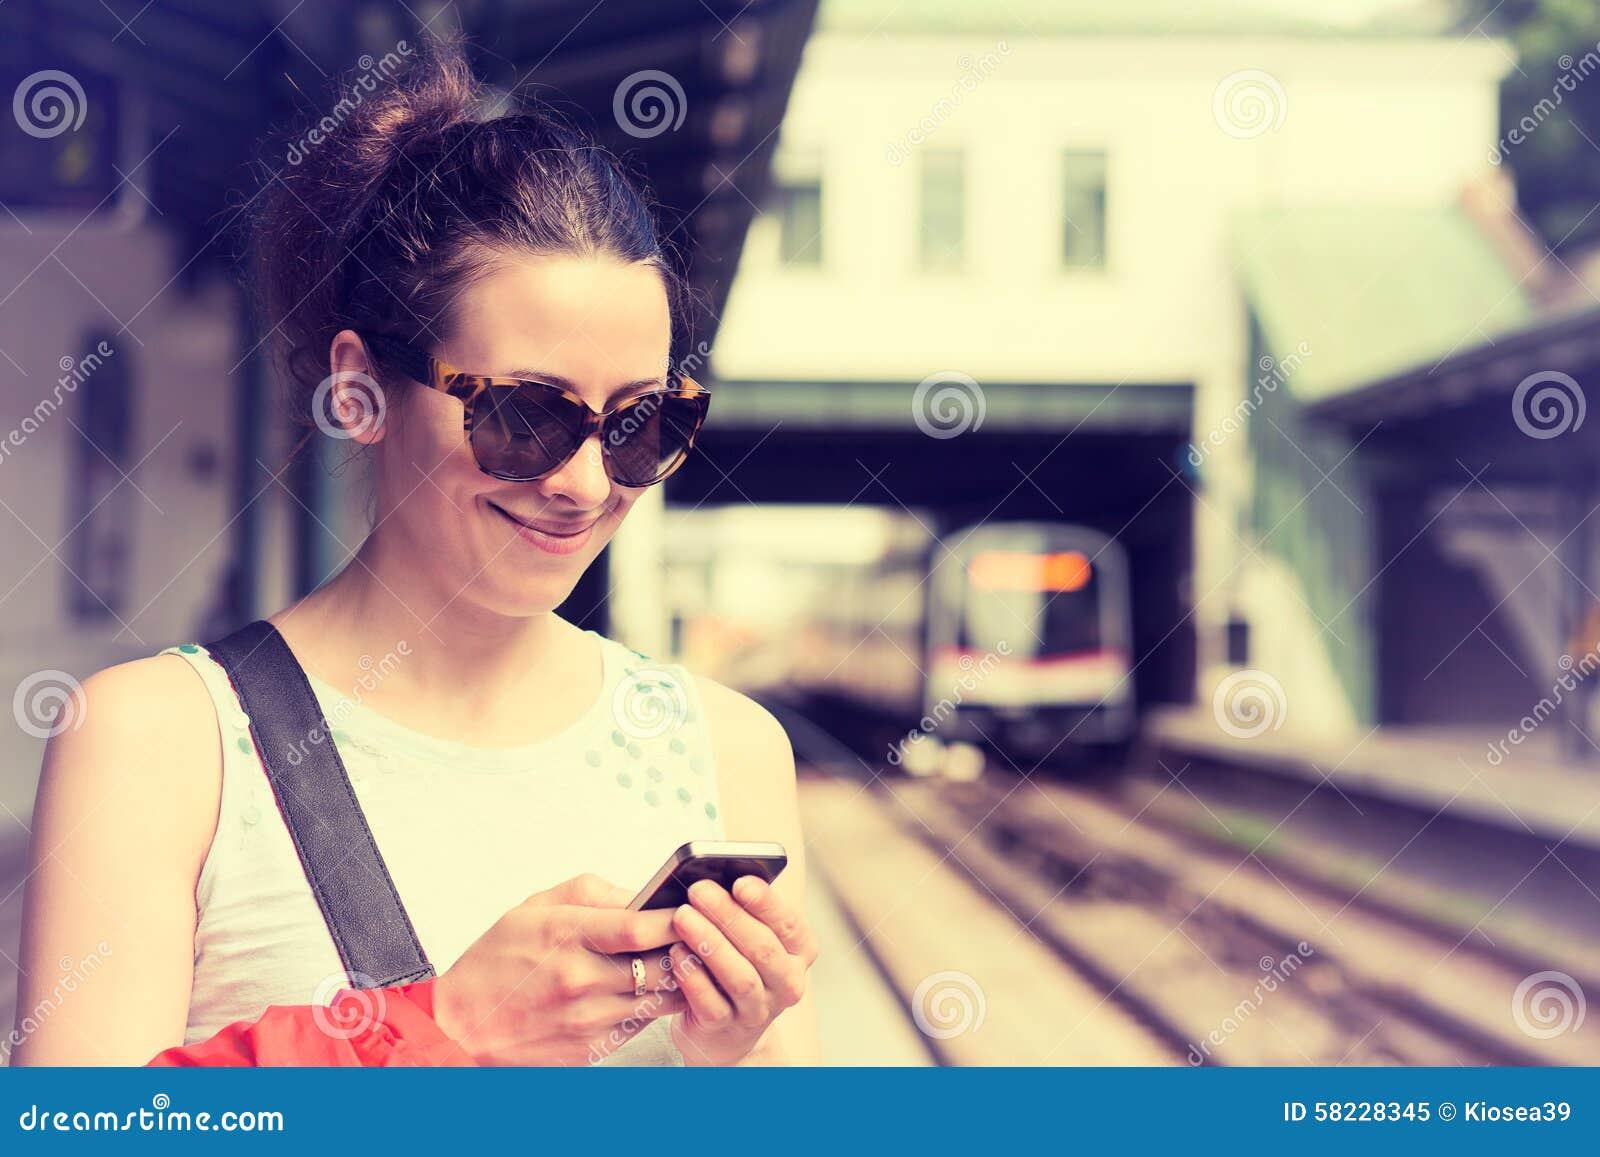 Женщина используя ее сотовый телефон на платформе метро, проверяя план-график поезда